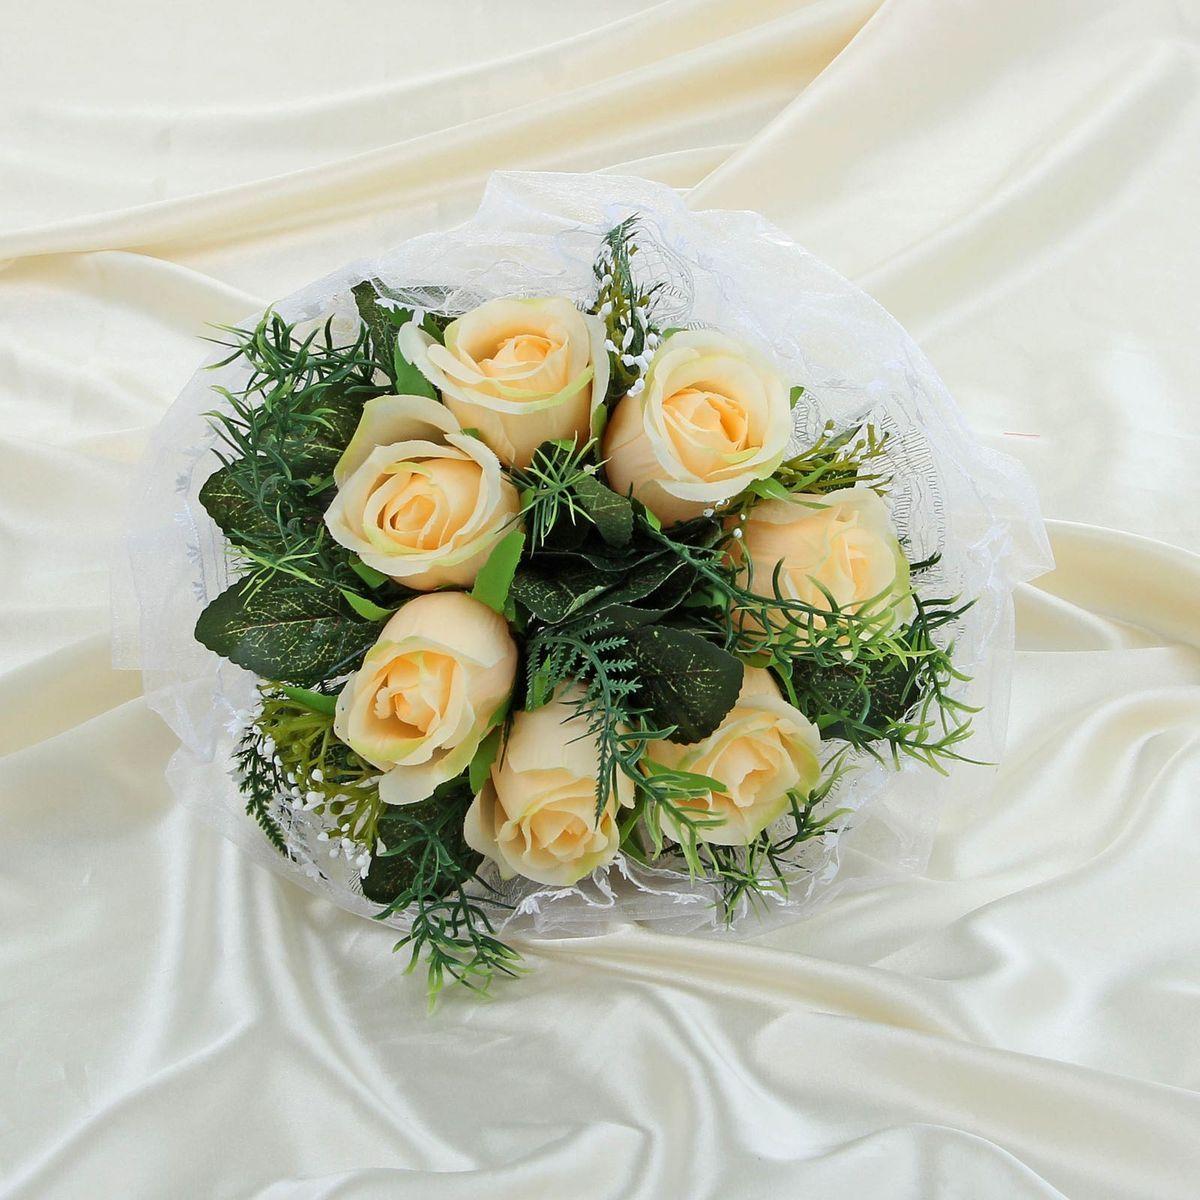 Букет-дублер Sima-land, цвет: бежевый. 11203231120323Традиция кидать букет невесты на свадьбе зародилась совсем недавно, но является одним из самых долгожданных моментов праздника. Для многих незамужних подружек – поймать букет на свадьбе – шанс осуществления заветной мечты. Современные невесты всё чаще используют для этого ритуала бутафорские букеты из искусственных материалов. Они легче, дешевле и точно не смогут рассыпаться в полете.